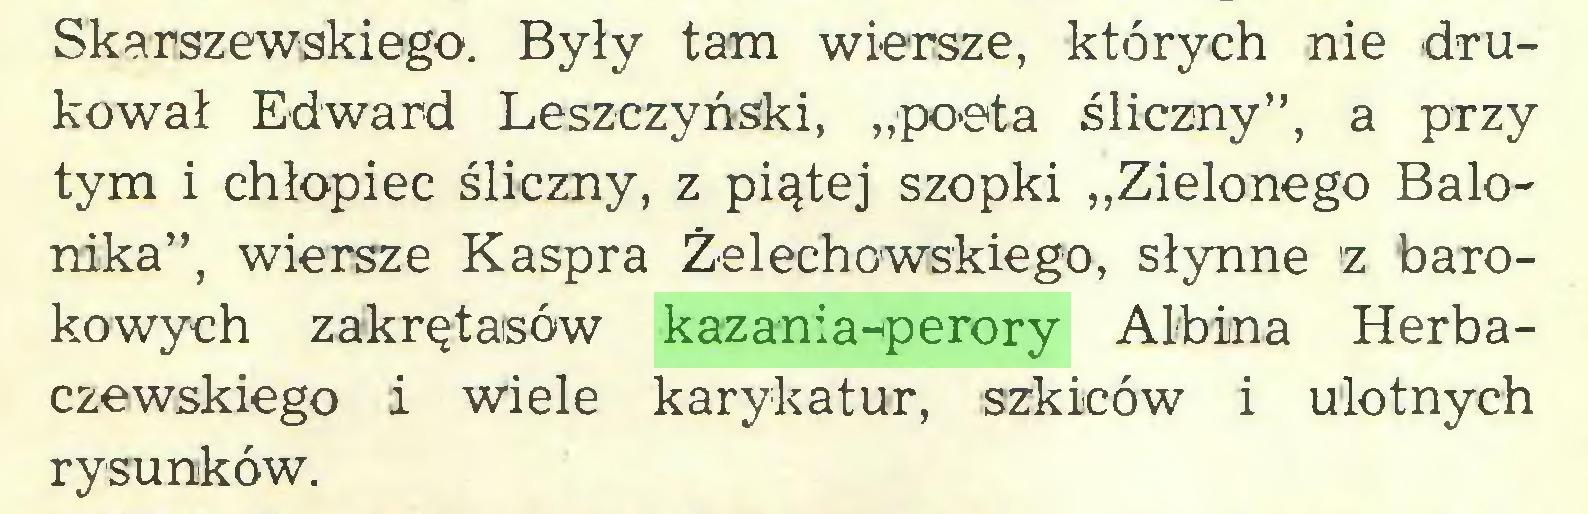 """(...) Skarszewskiego. Były tam wiersze, których nie drukował Edward Leszczyński, """"poeta śliczny"""", a przy tym i chłopiec śliczny, z piątej szopki """"Zielonego Balonika"""", wiersze Kaspra Żelechowskiego, słynne z barokowych zakrętasów kazania-perory Albina Horbaczewskiego i wiele karykatur, szkiców i ulotnych rysunków..."""